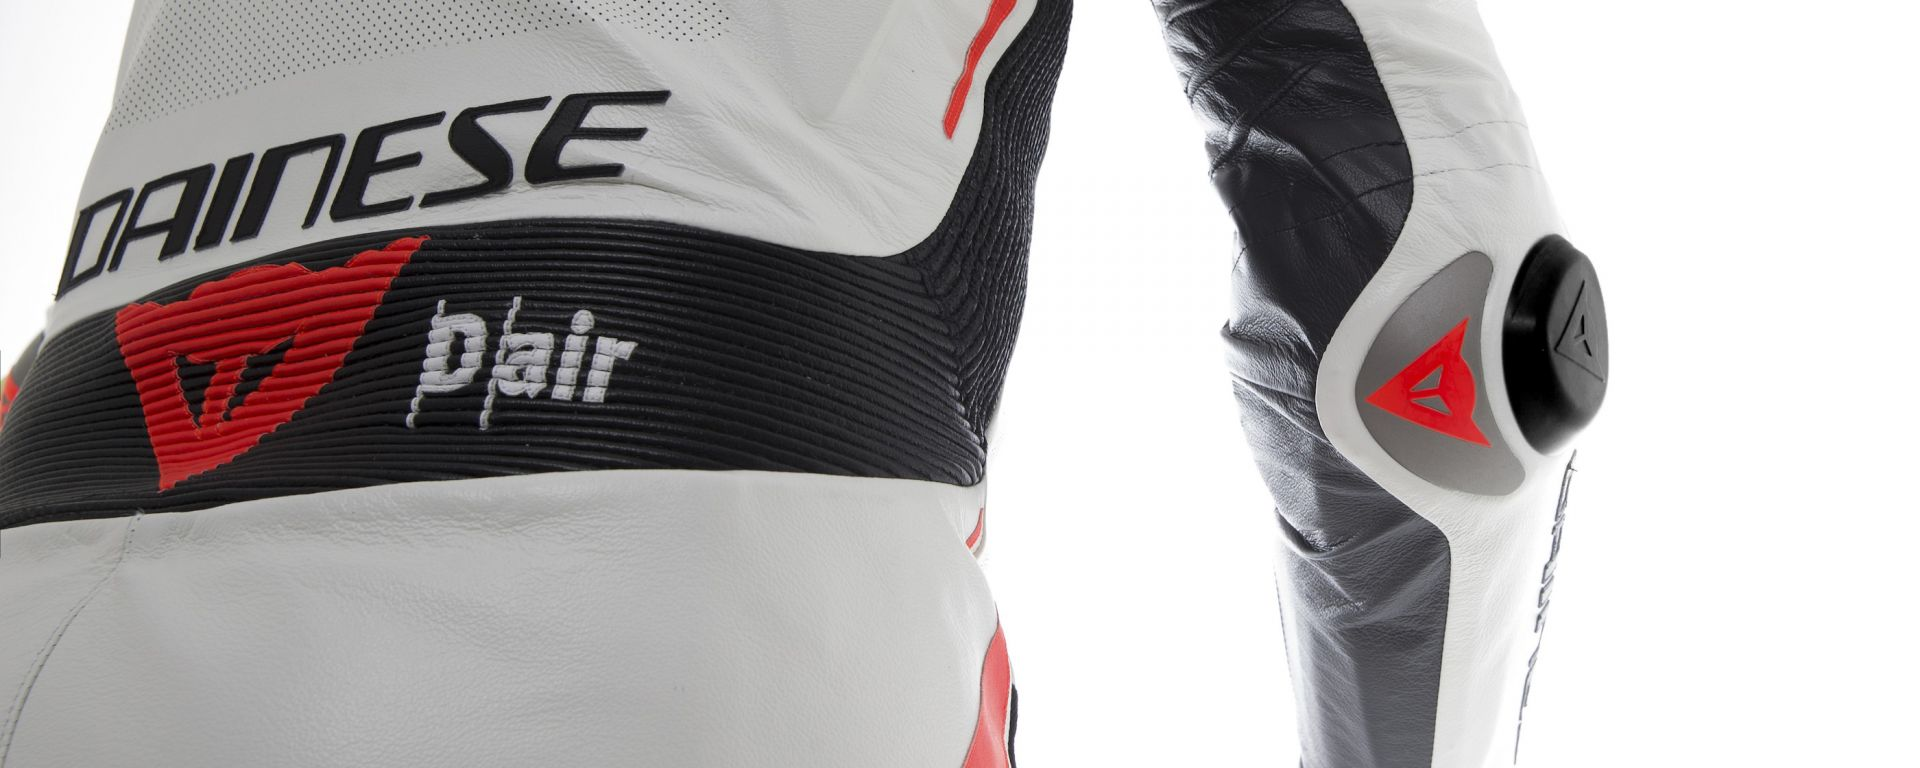 Dainese Mugello R D-Air e AGV Pista GP R, l'outfit progettato con Vale